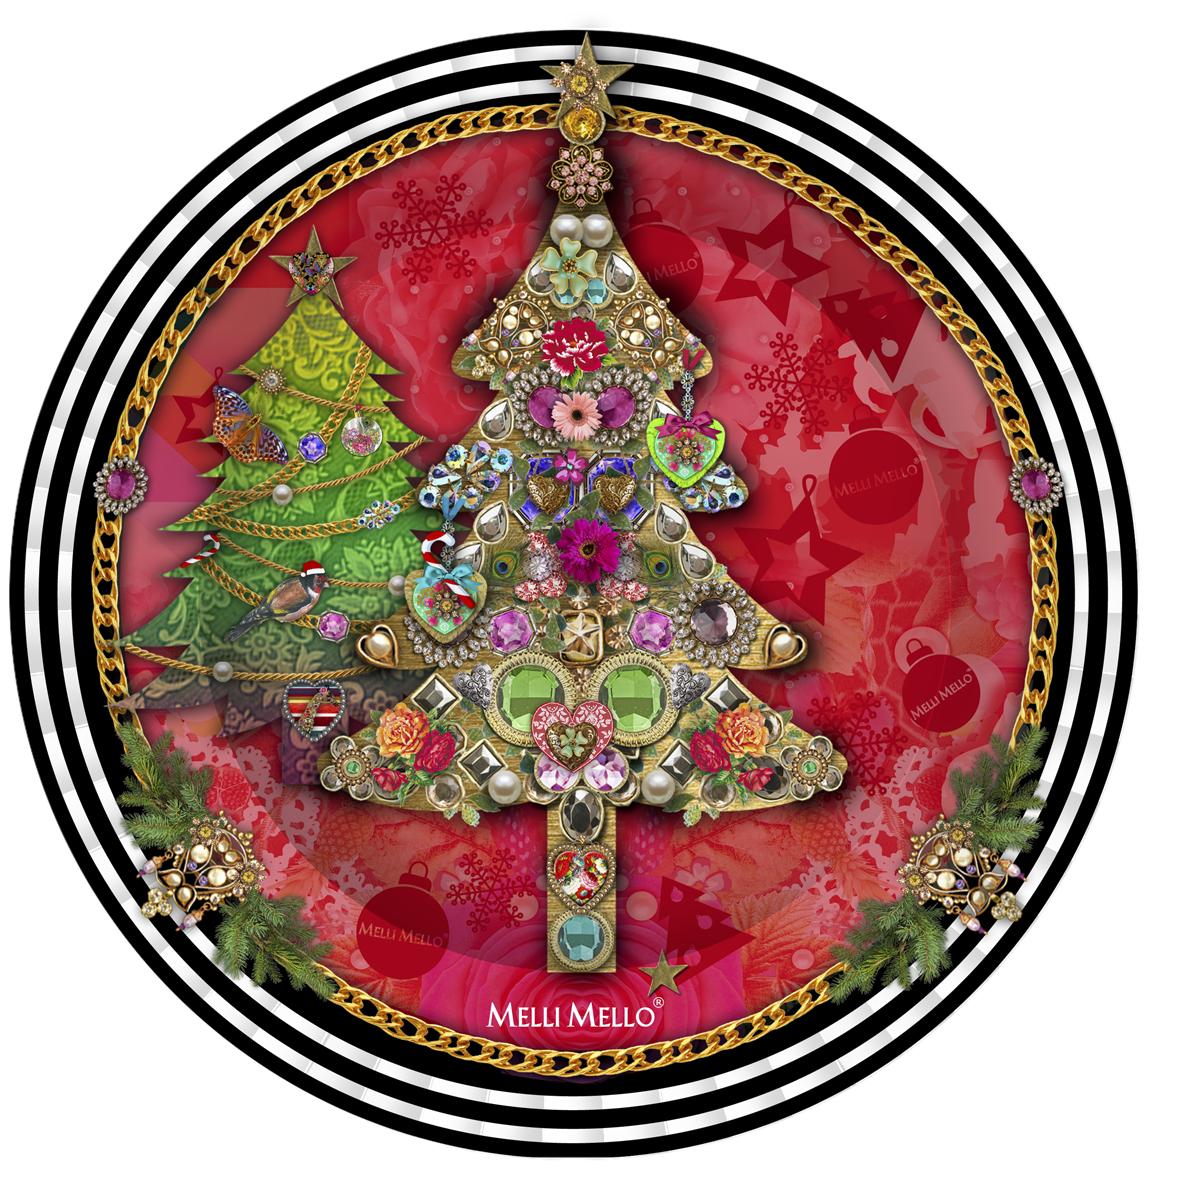 Тарелка Duni, цвет: красный, диаметр 22 см, 10 шт169572Тарелка Duni, цвет: красный, диаметр 22 см, 10 шт